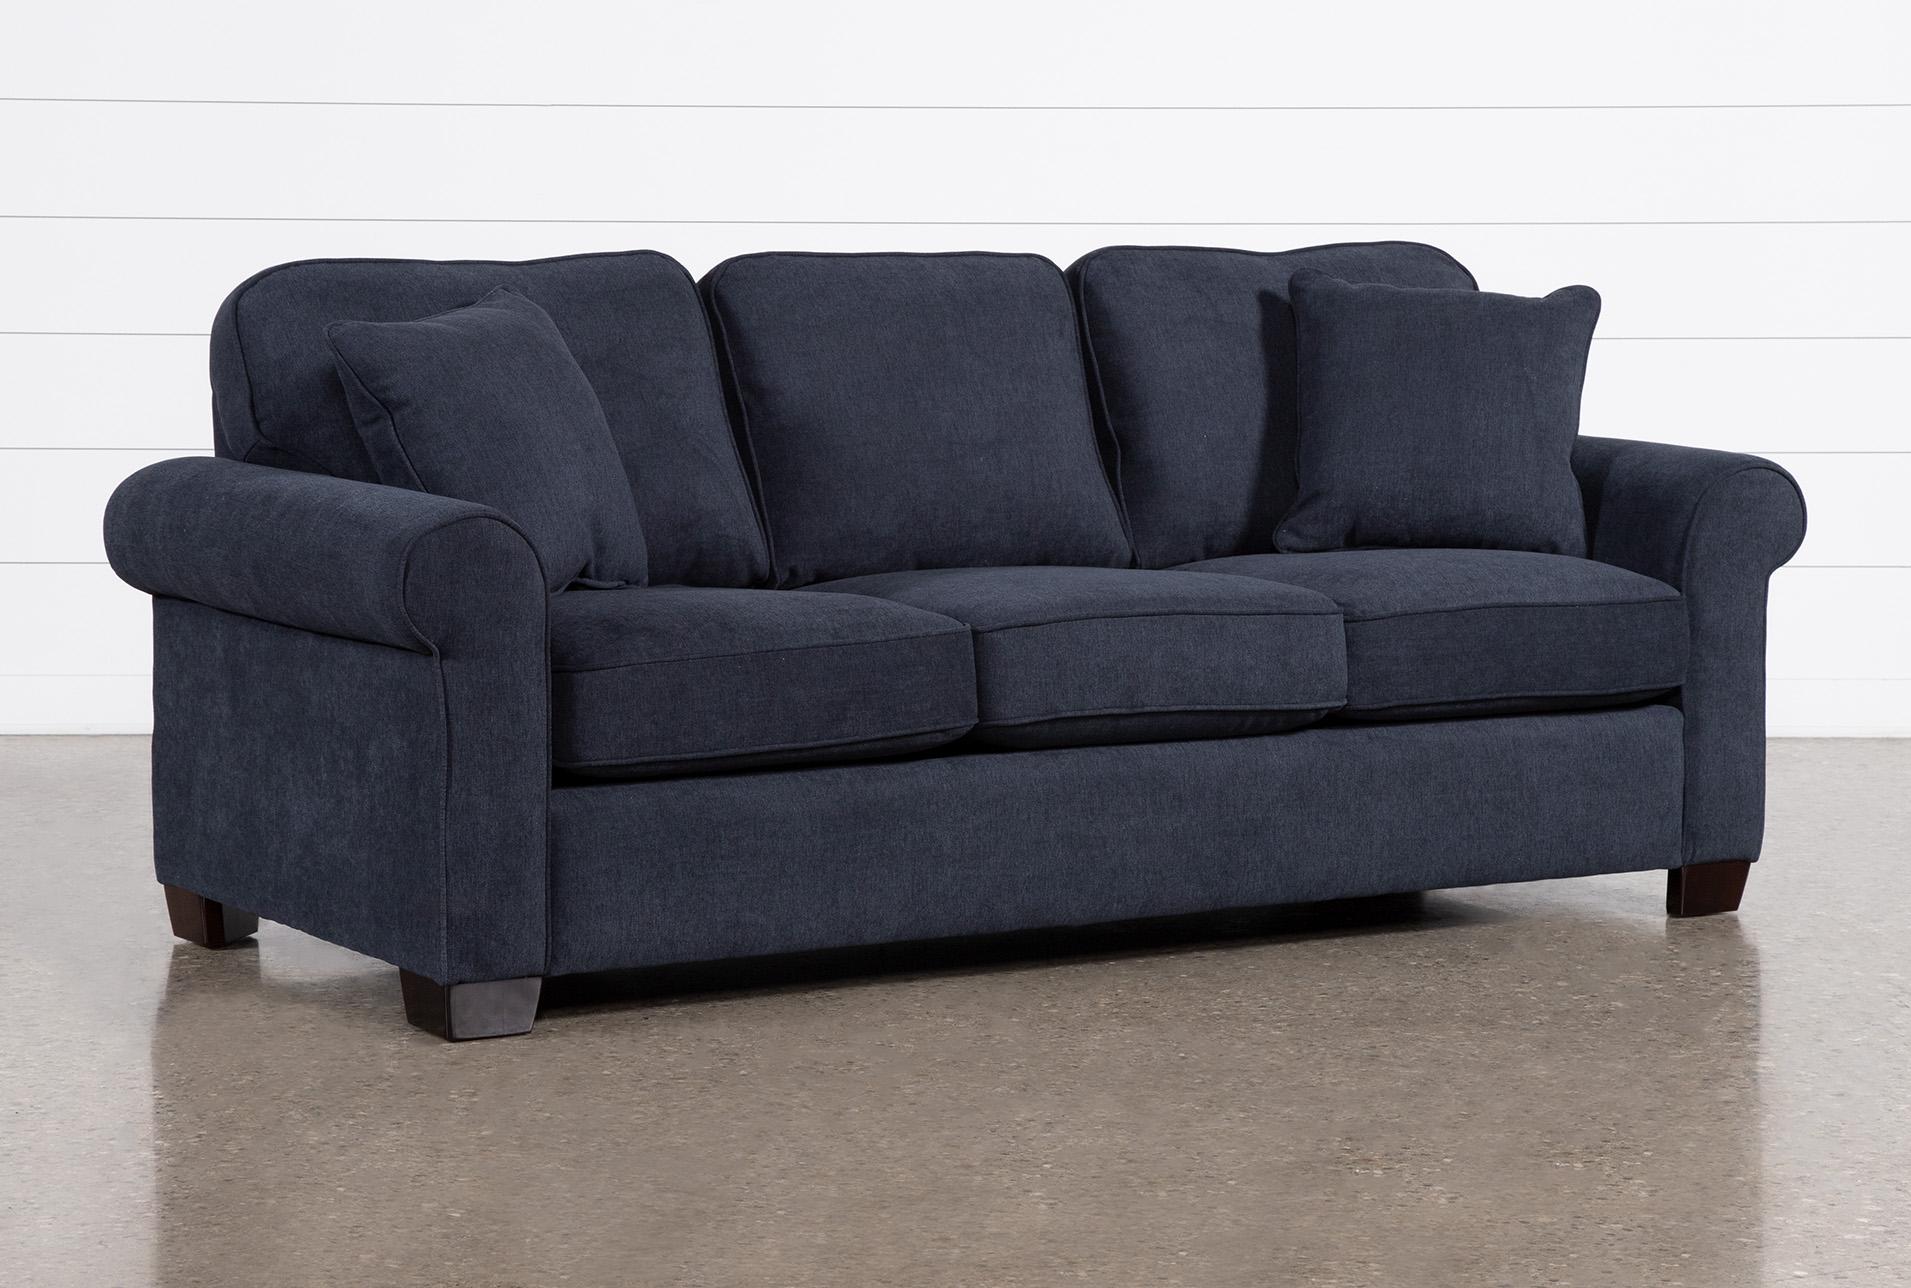 - Margot Denim Queen Sleeper Sofa With Memory Foam Mattress Living